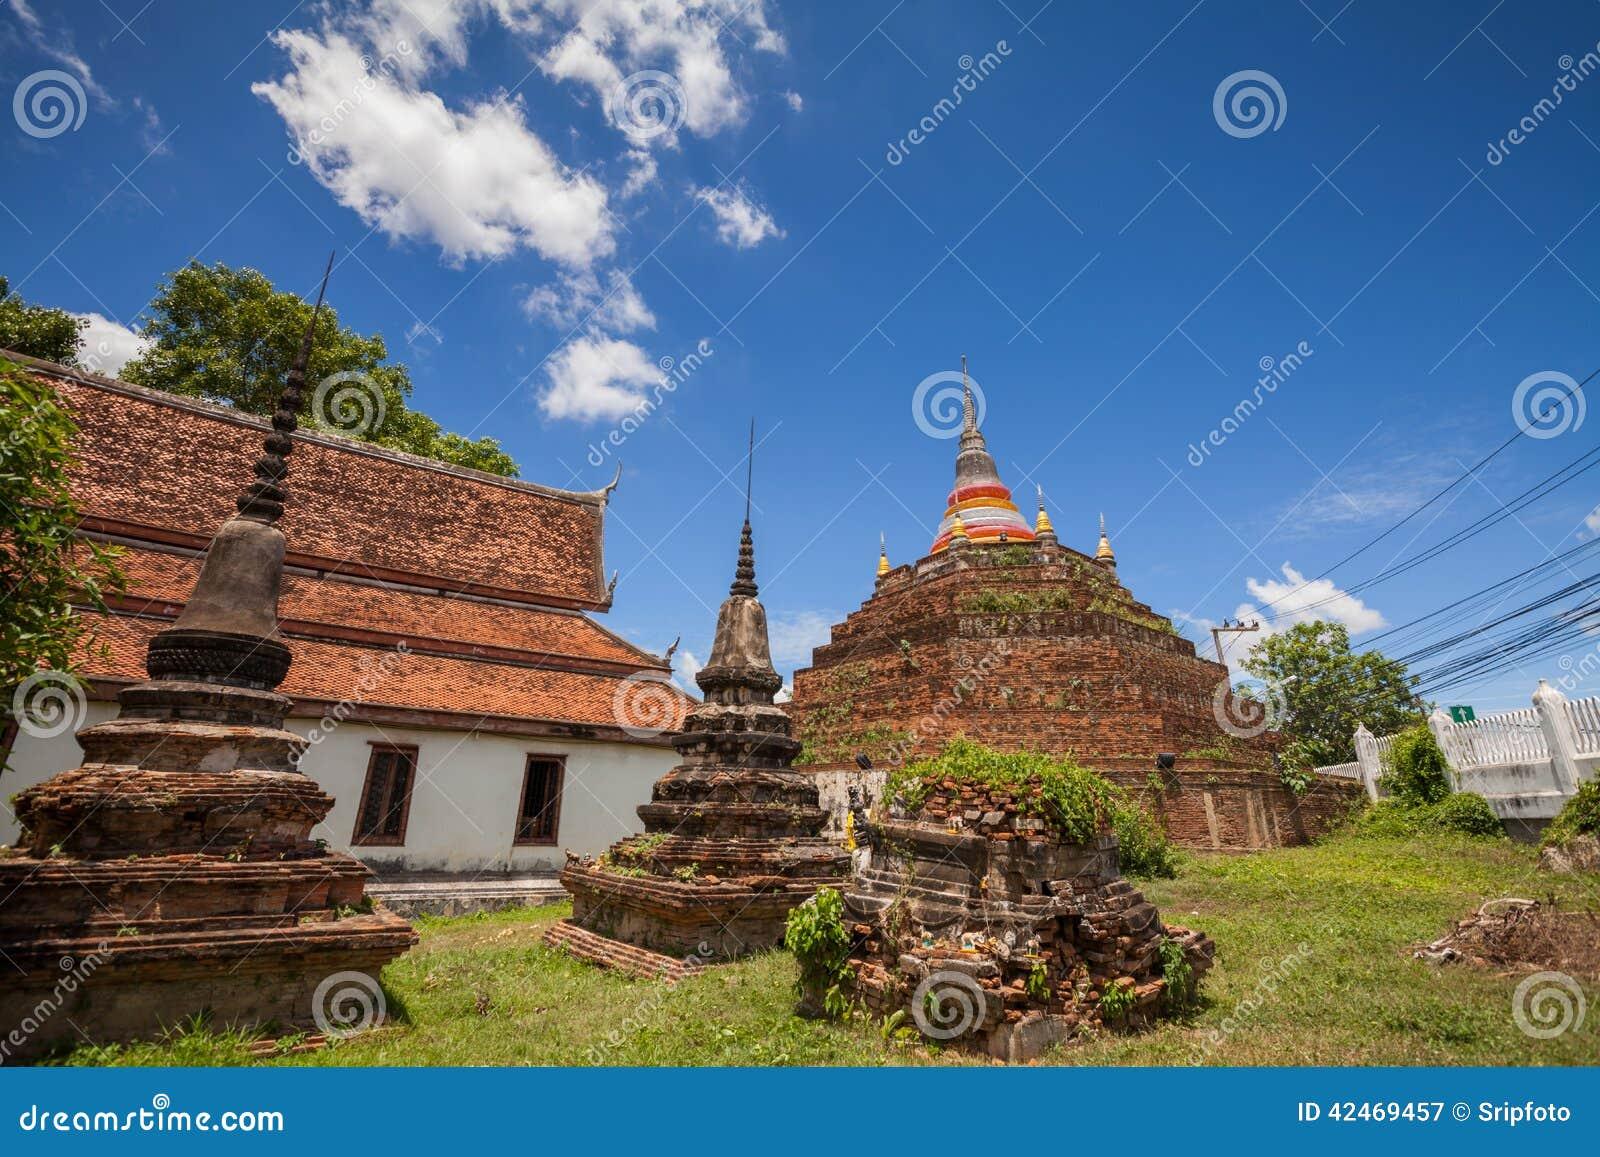 Tempel in Thailand wird Wat Ratchaburana, Phitsanulok genannt